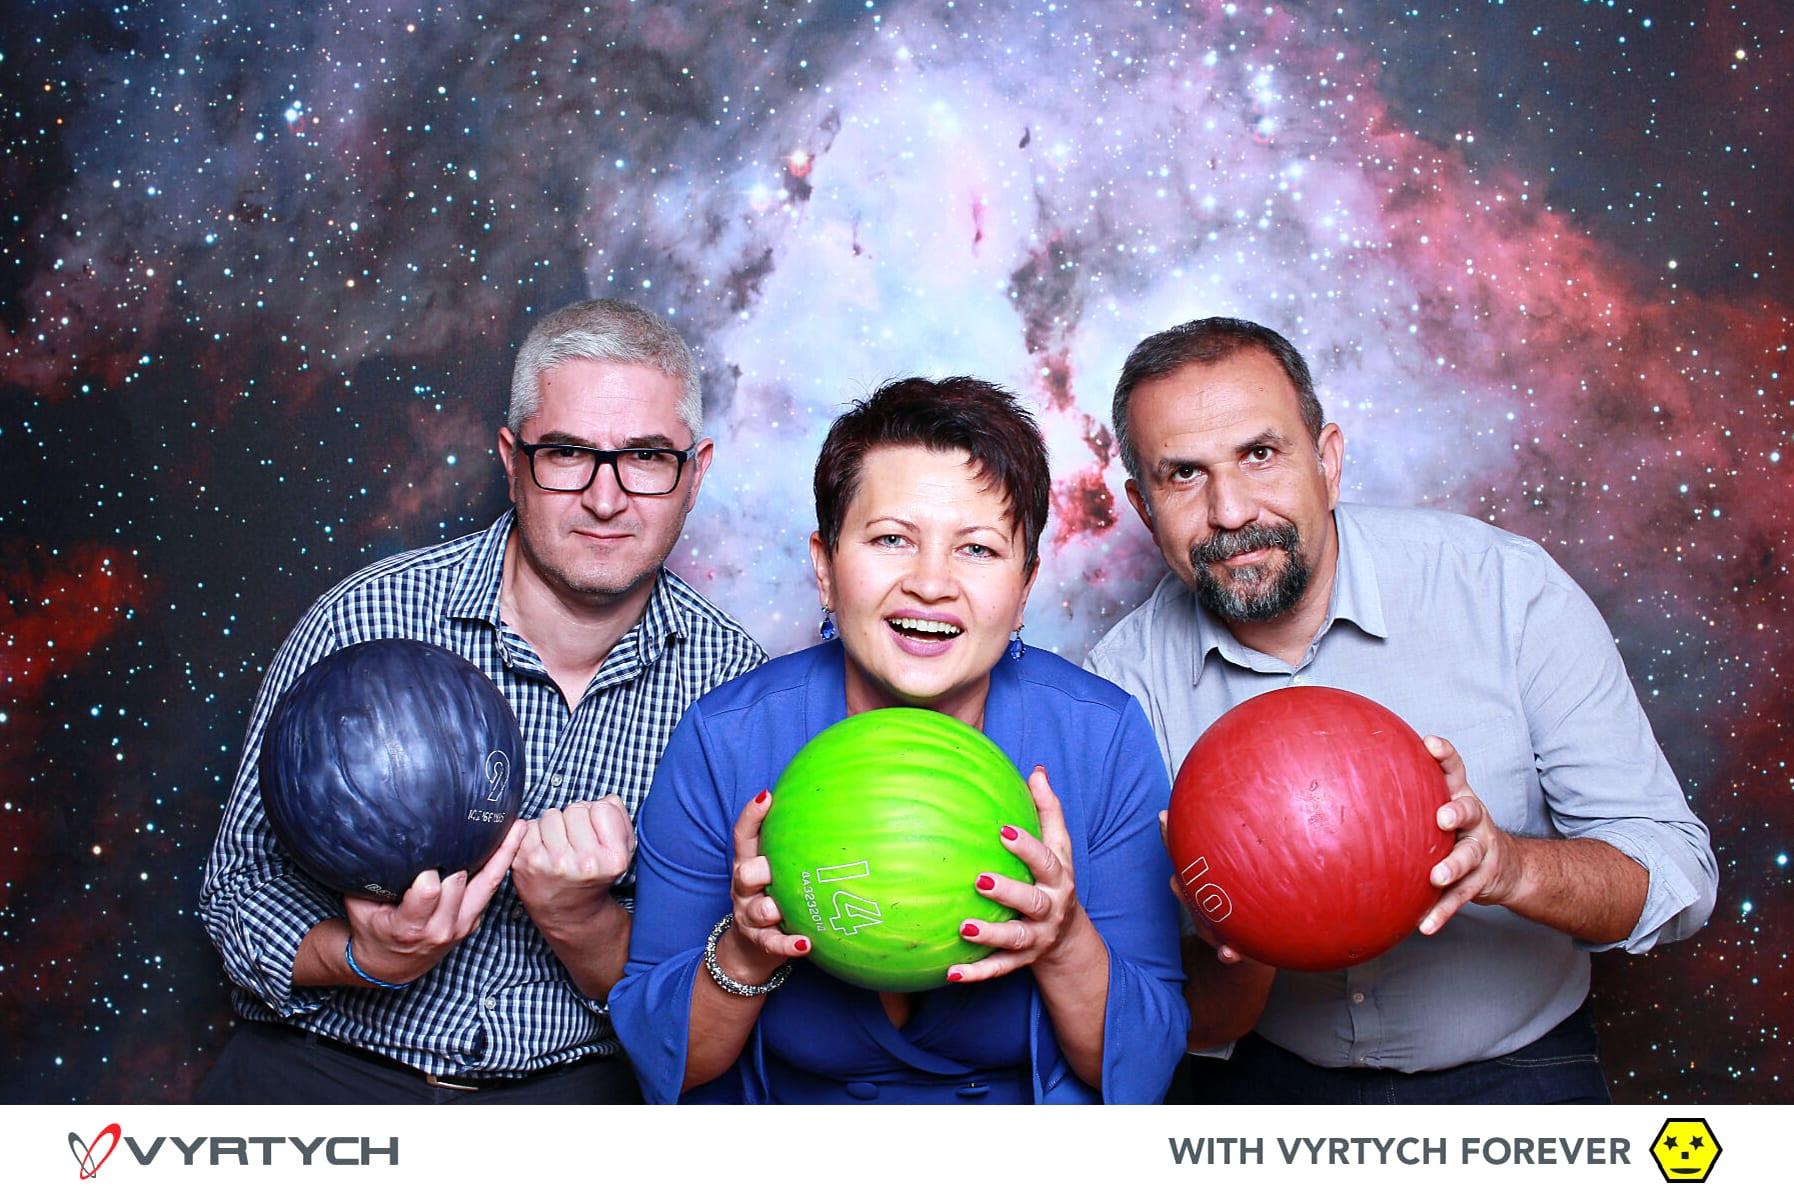 fotokoutek-vyrtych-23-5-2019-608107